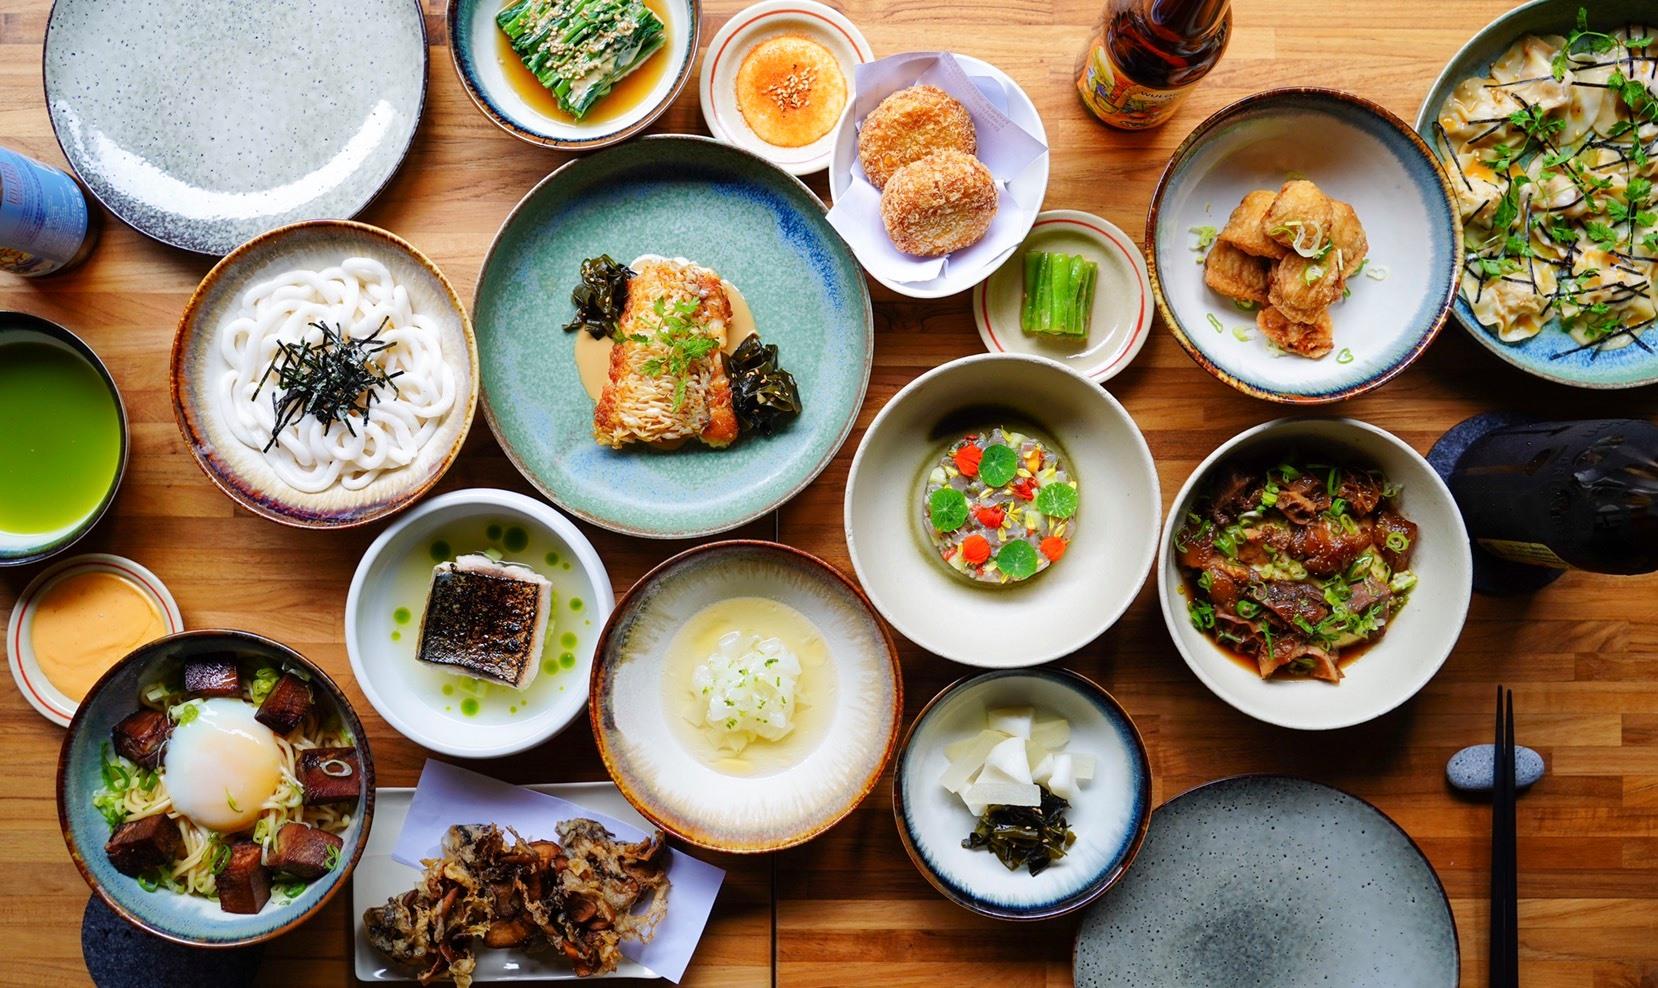 有愉餐飲有限公司 / 米其林團隊聯手打造的創意日式居酒屋圖片